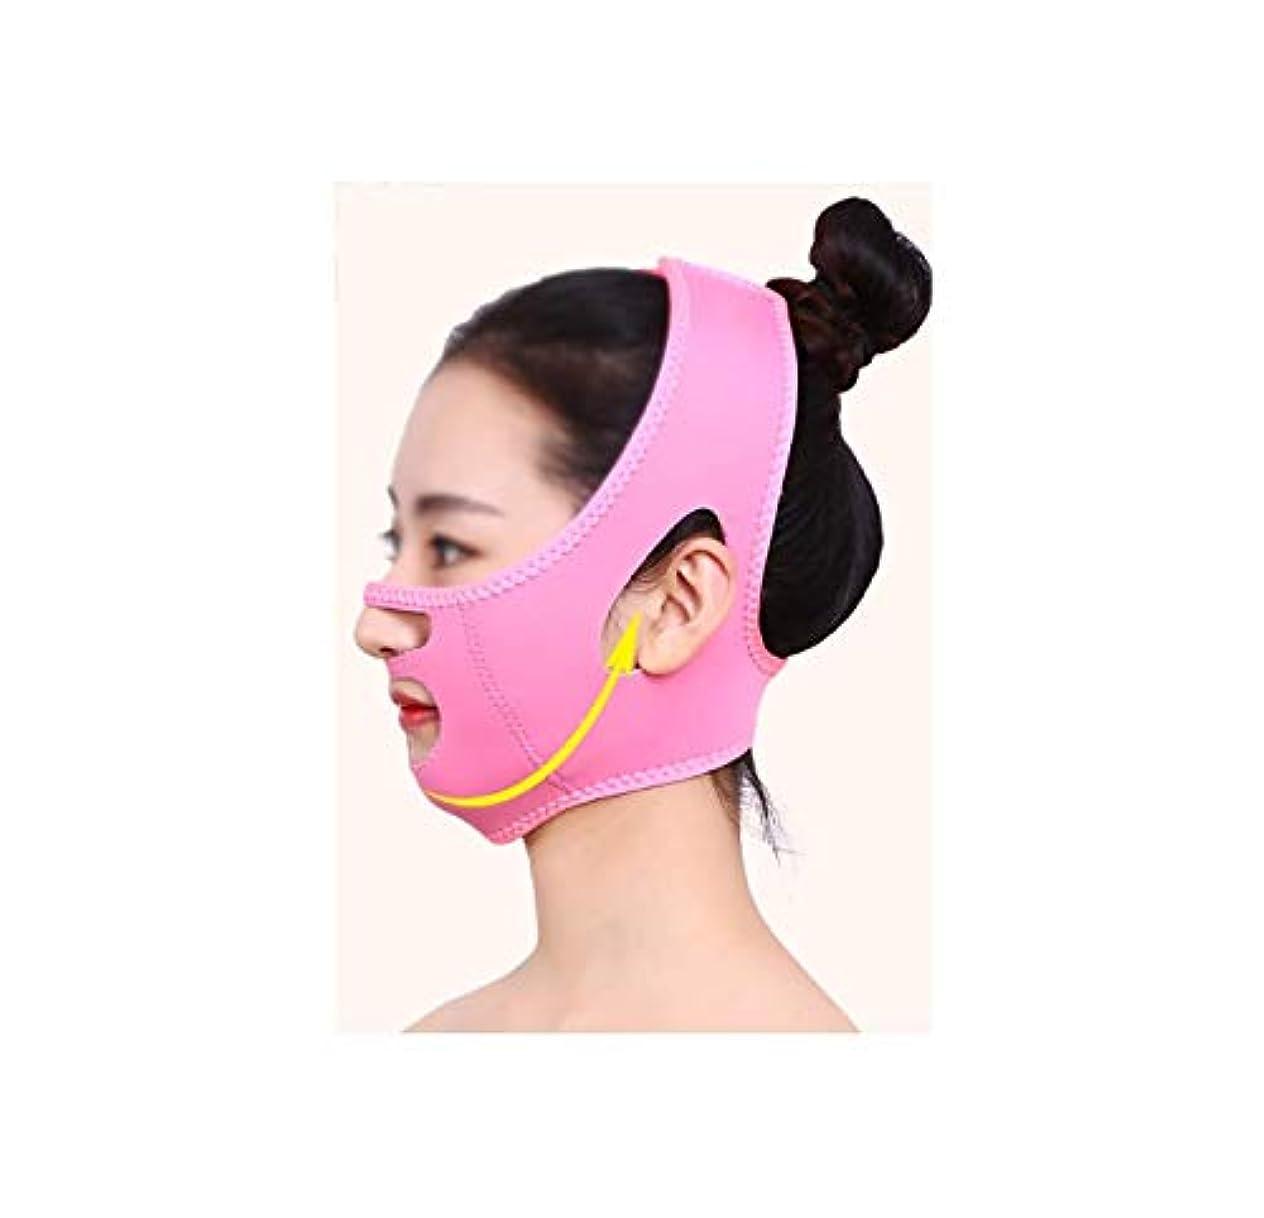 テレビ金曜日広げるフェイスリフトマスク、フェイシャルマスク薄い顔マシン美容器具ローラー顔面薄い顔Vフェイスマスクダブルあご包帯アーティファクト